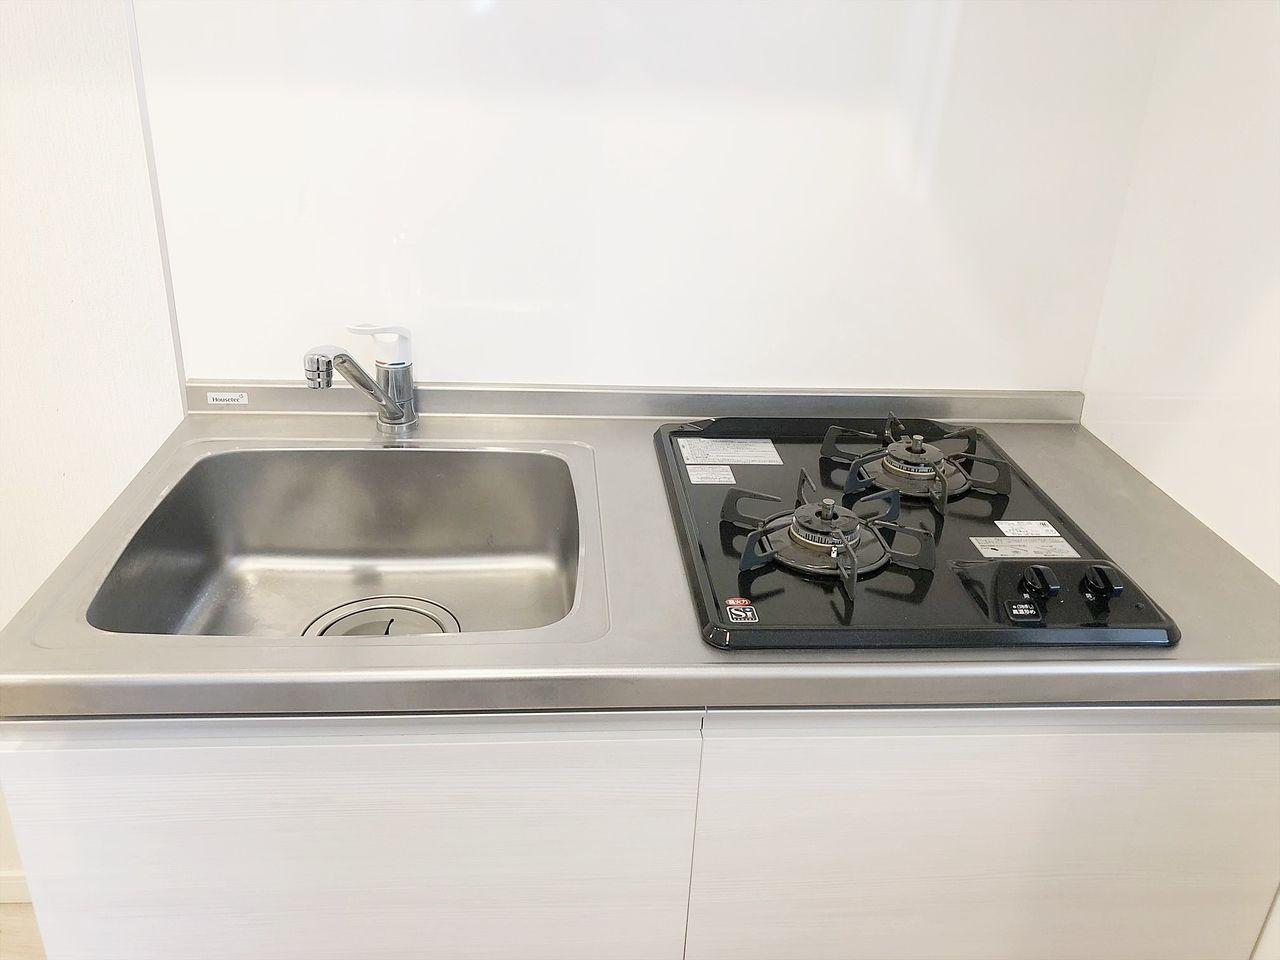 オーレ池袋西 キッチンはガスコンロ2口設置済みで料理もらくらくです